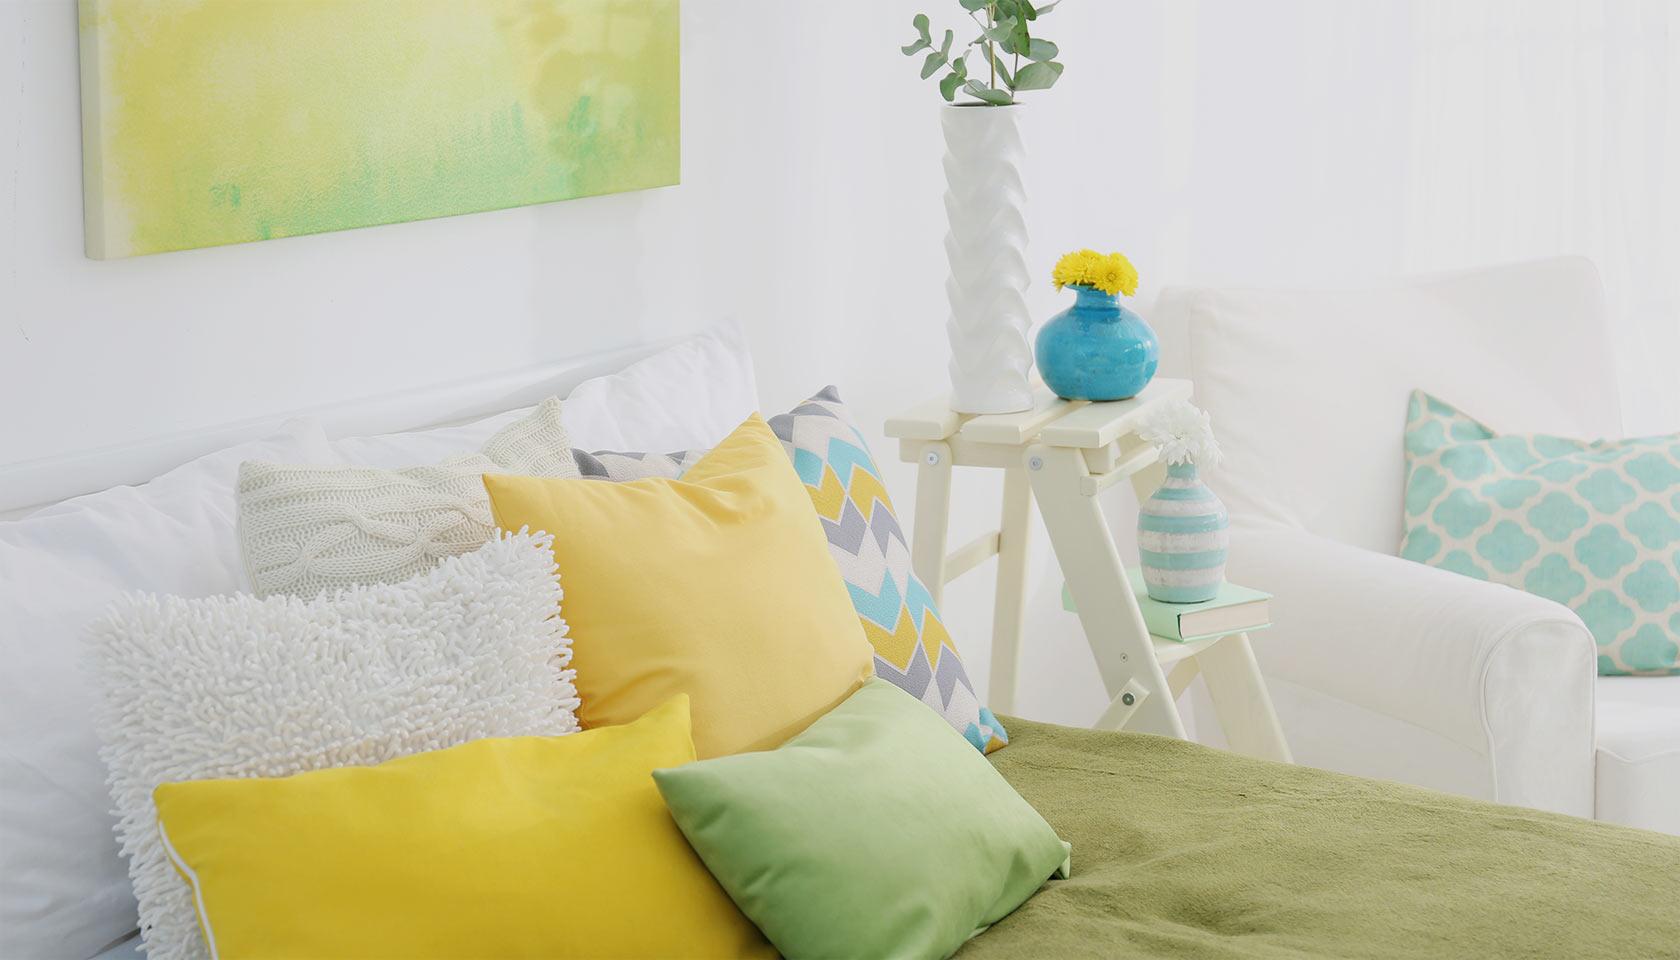 Furniture 2